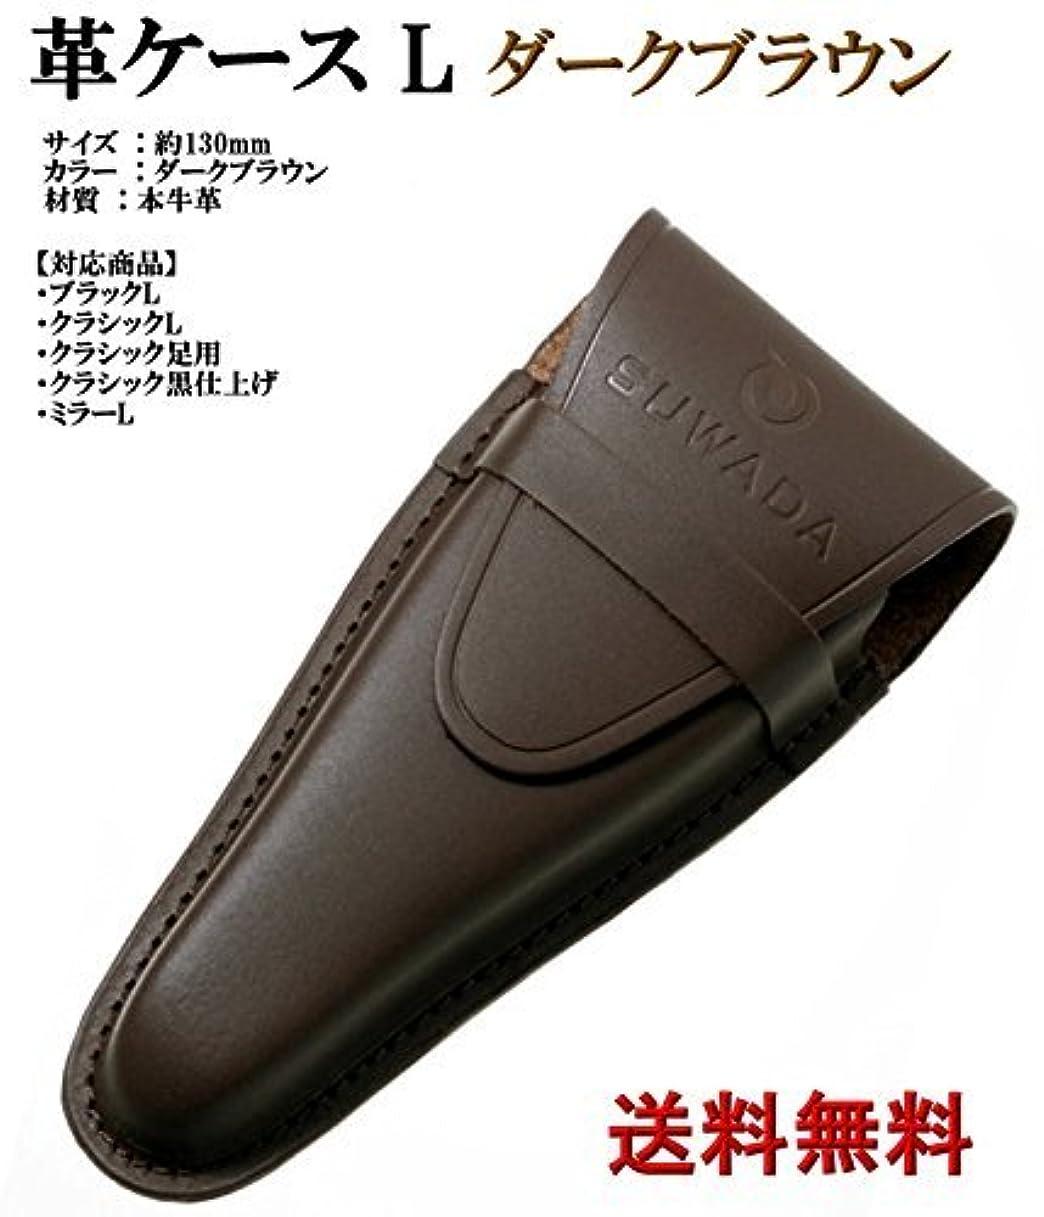 避ける調整する理容師SUWADA 爪きり用本革ケースL